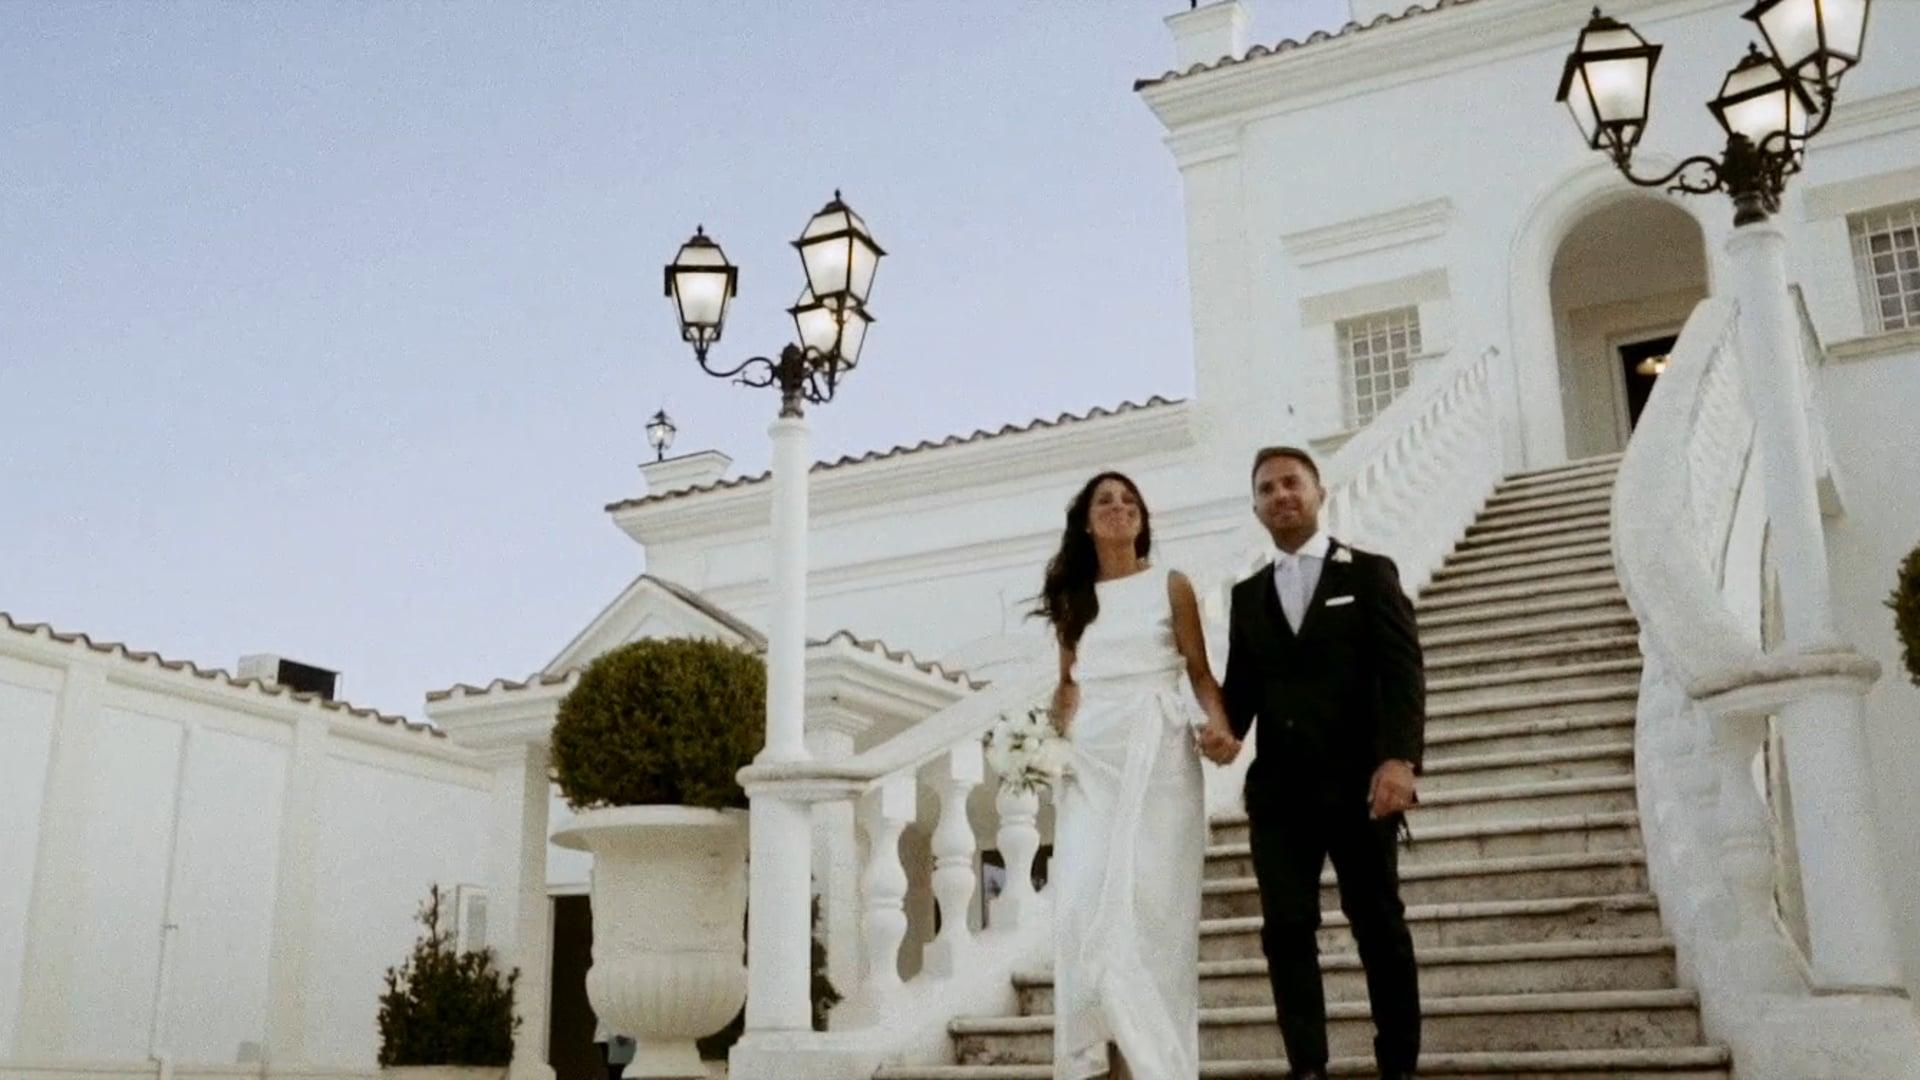 Gheny & Federica // Wedding in Apulia